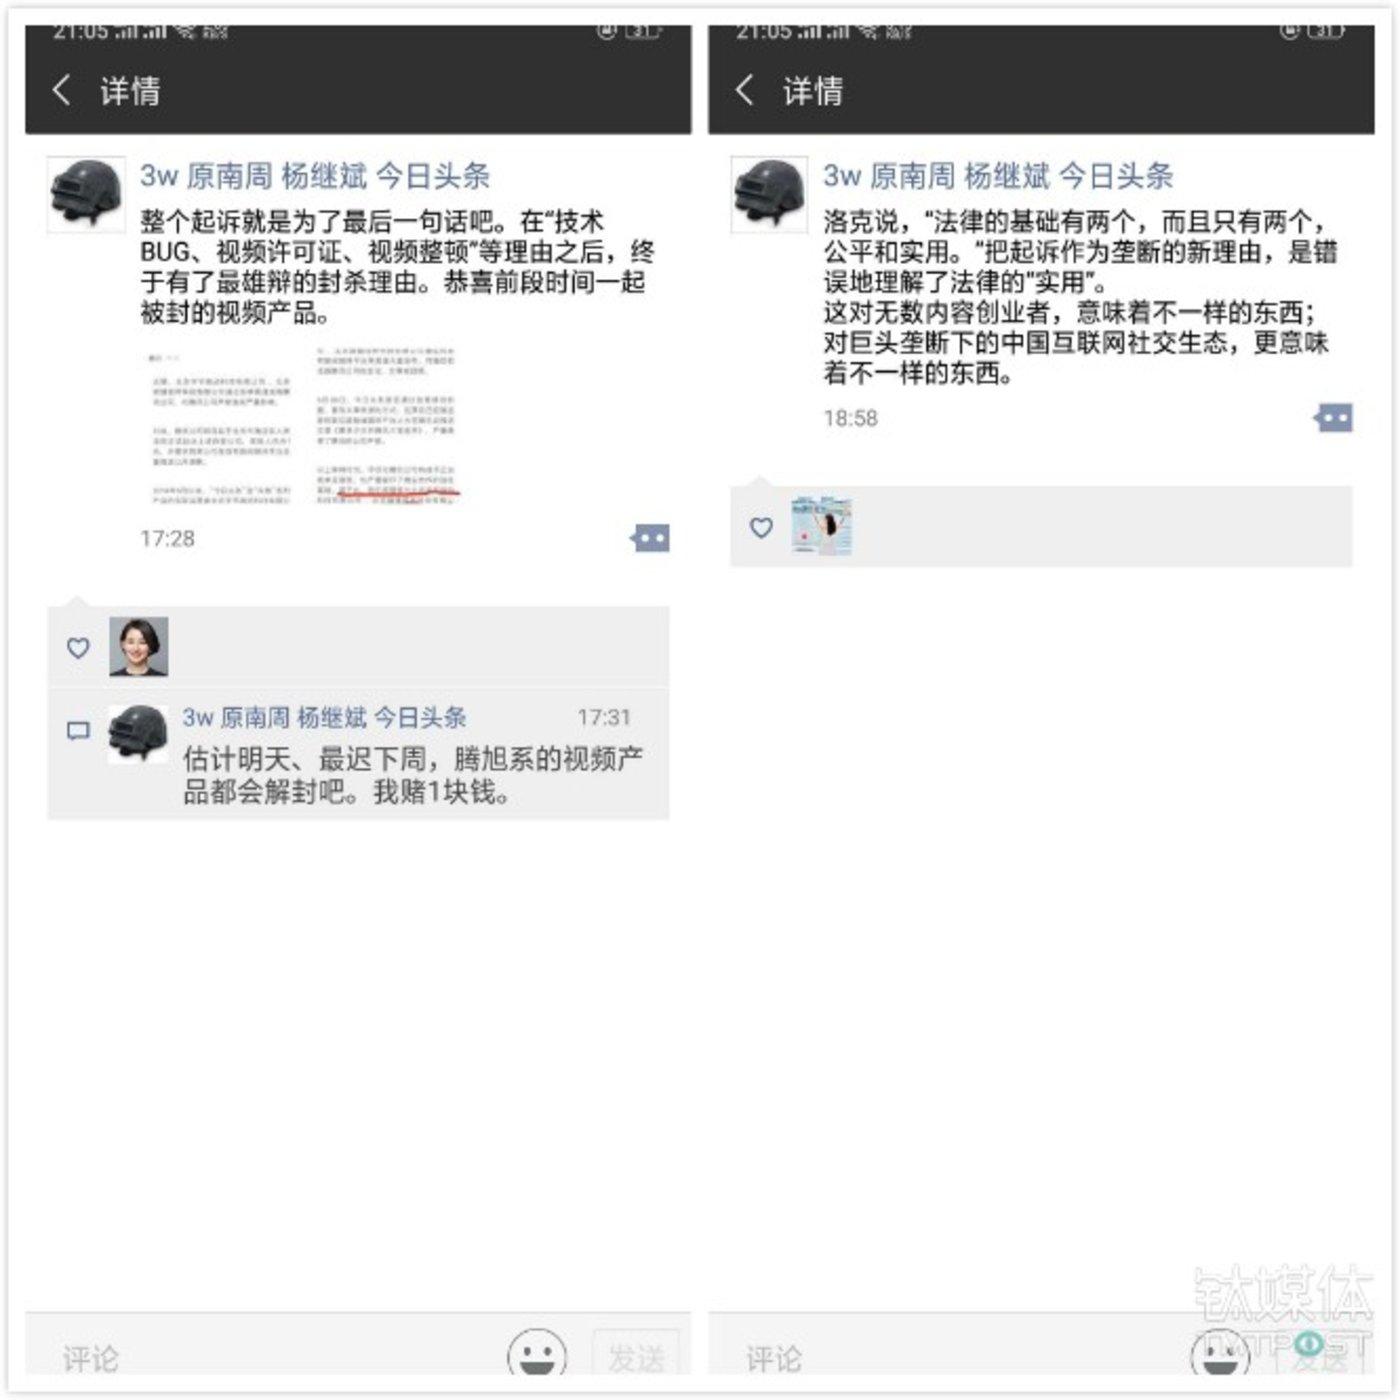 今日头条公关总监杨继斌在朋友圈对此事的回应